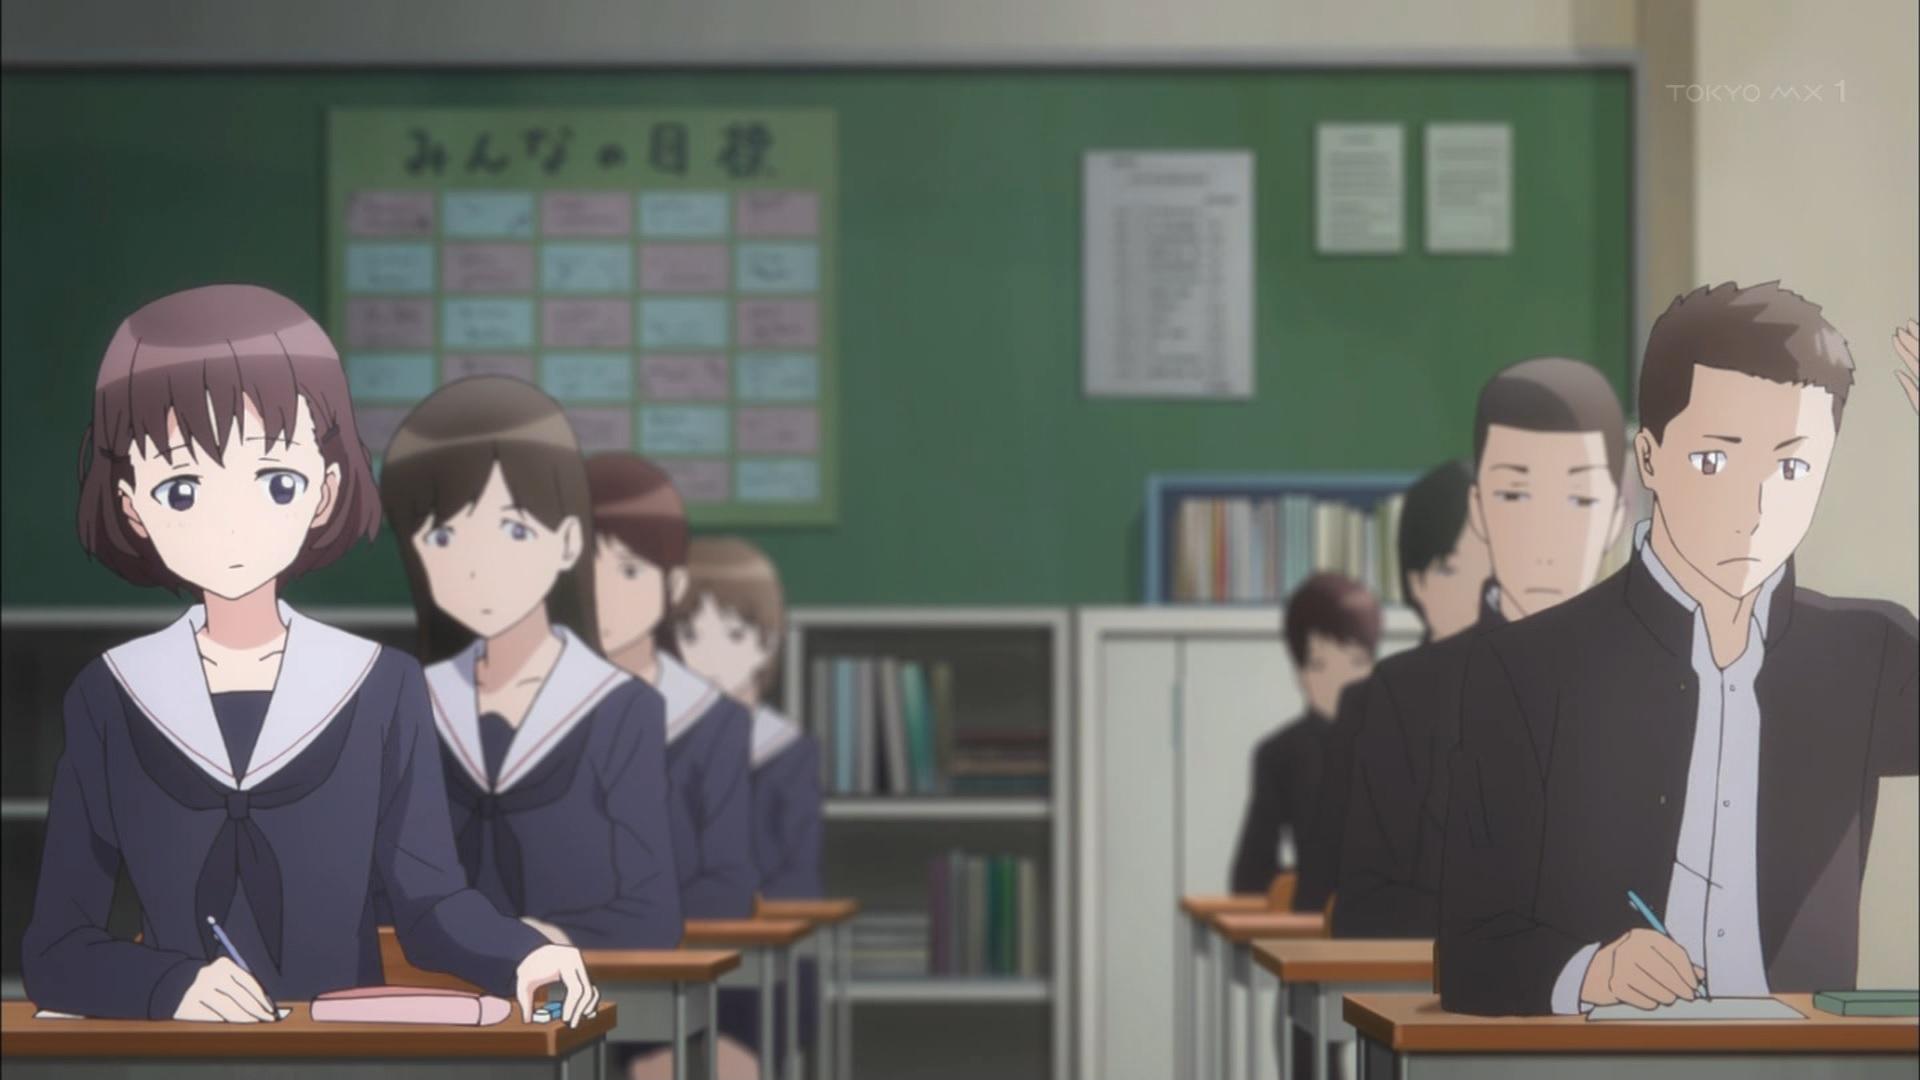 中学時代の夏目美緒と相馬陽斗